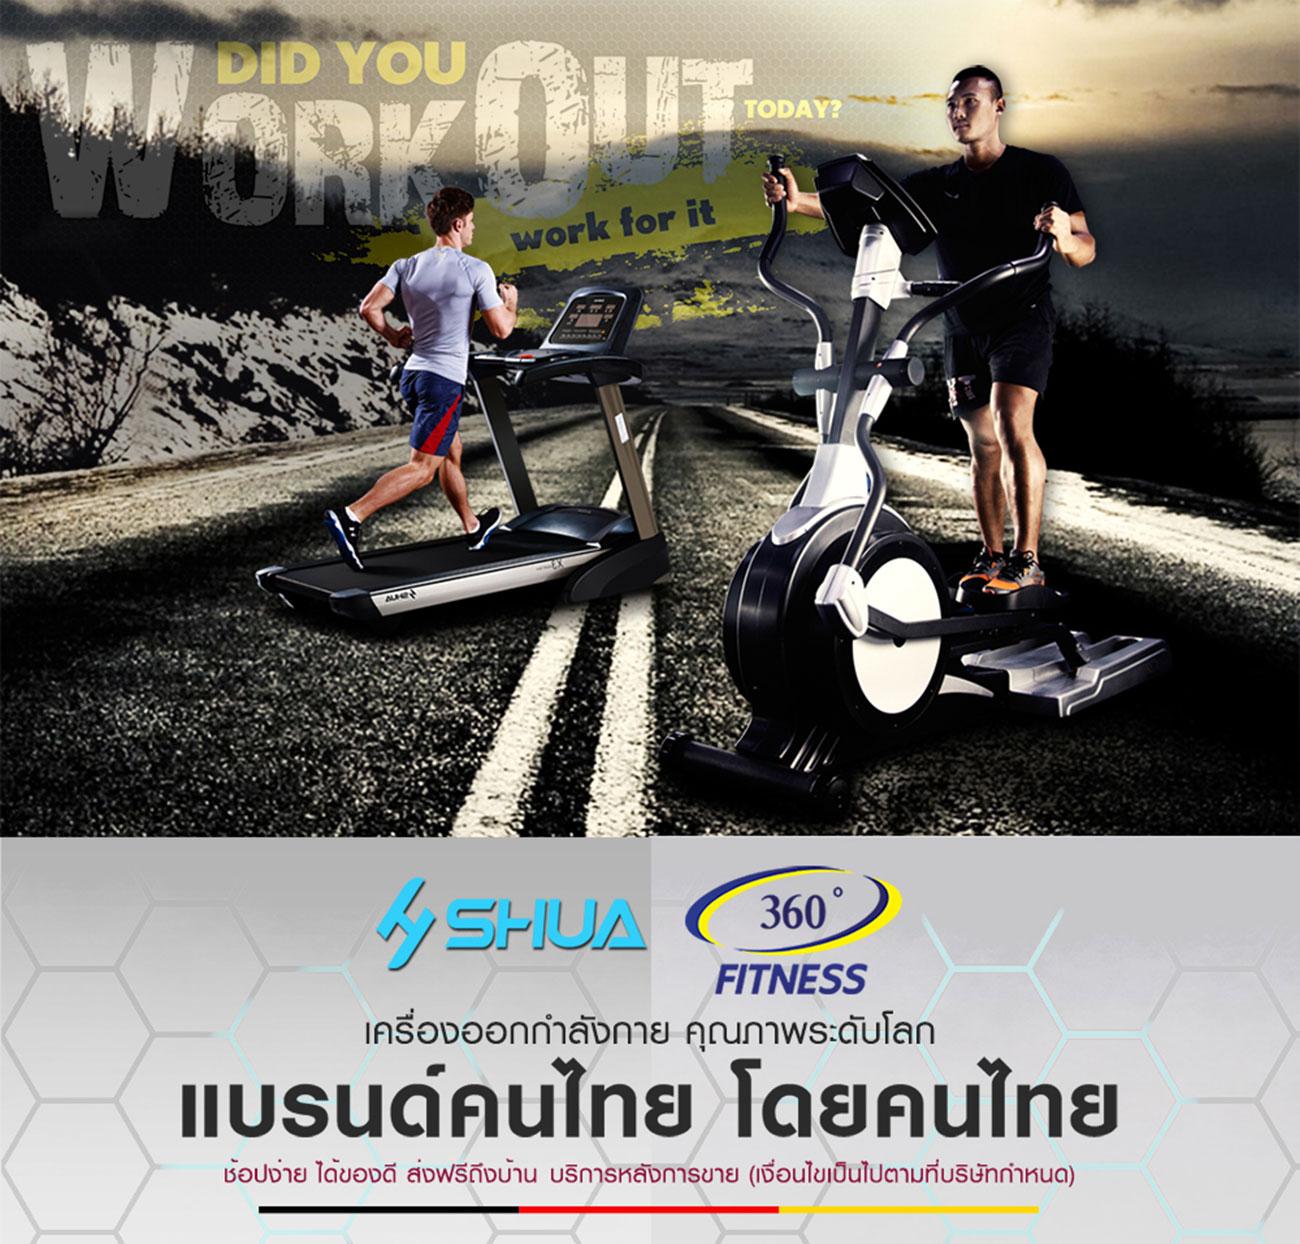 360 Ongsa Fitness Leg Extension (BH-014)